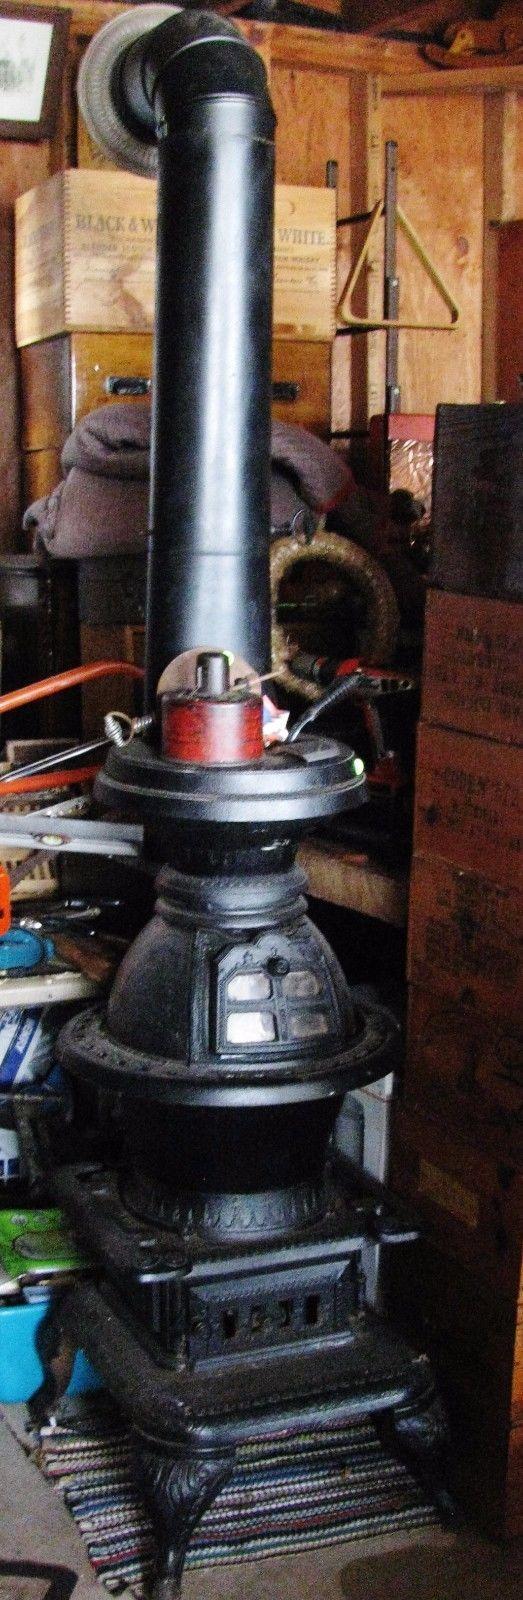 Globe Lighthouse Wood Burning Cast Iron Pot Belly Stove